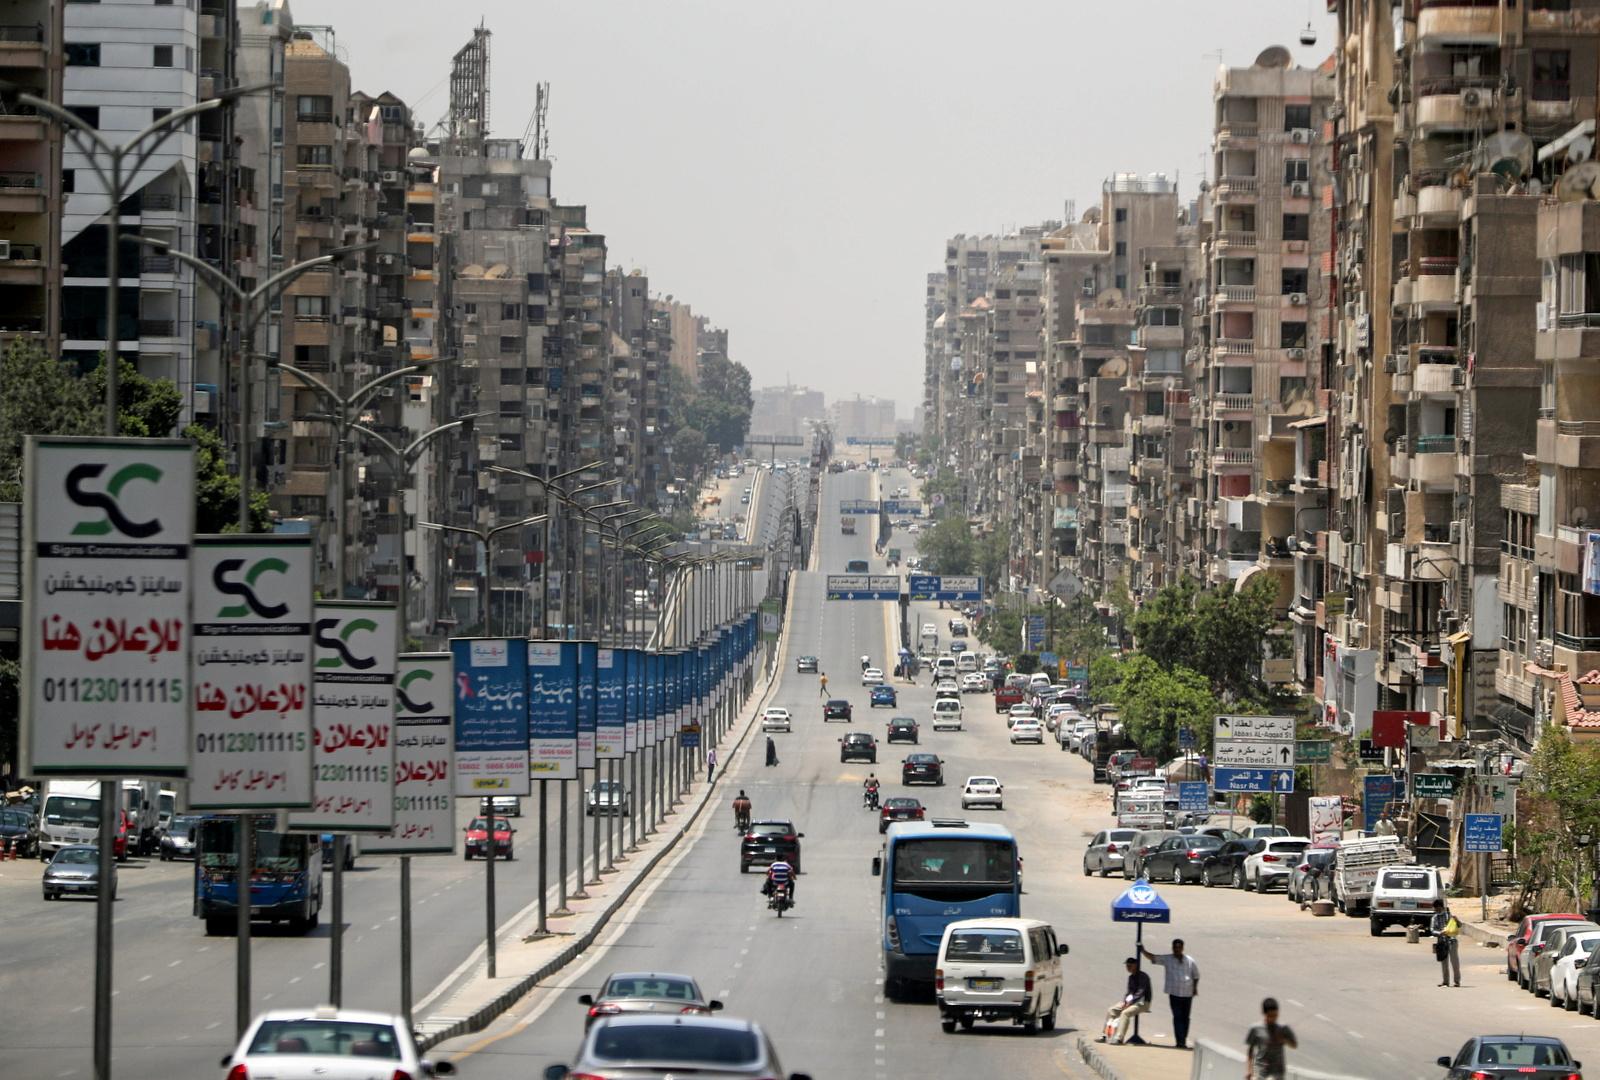 شاب مصري يبتكر سيارة تعمل بضغط الهواء بدلا من الوقود